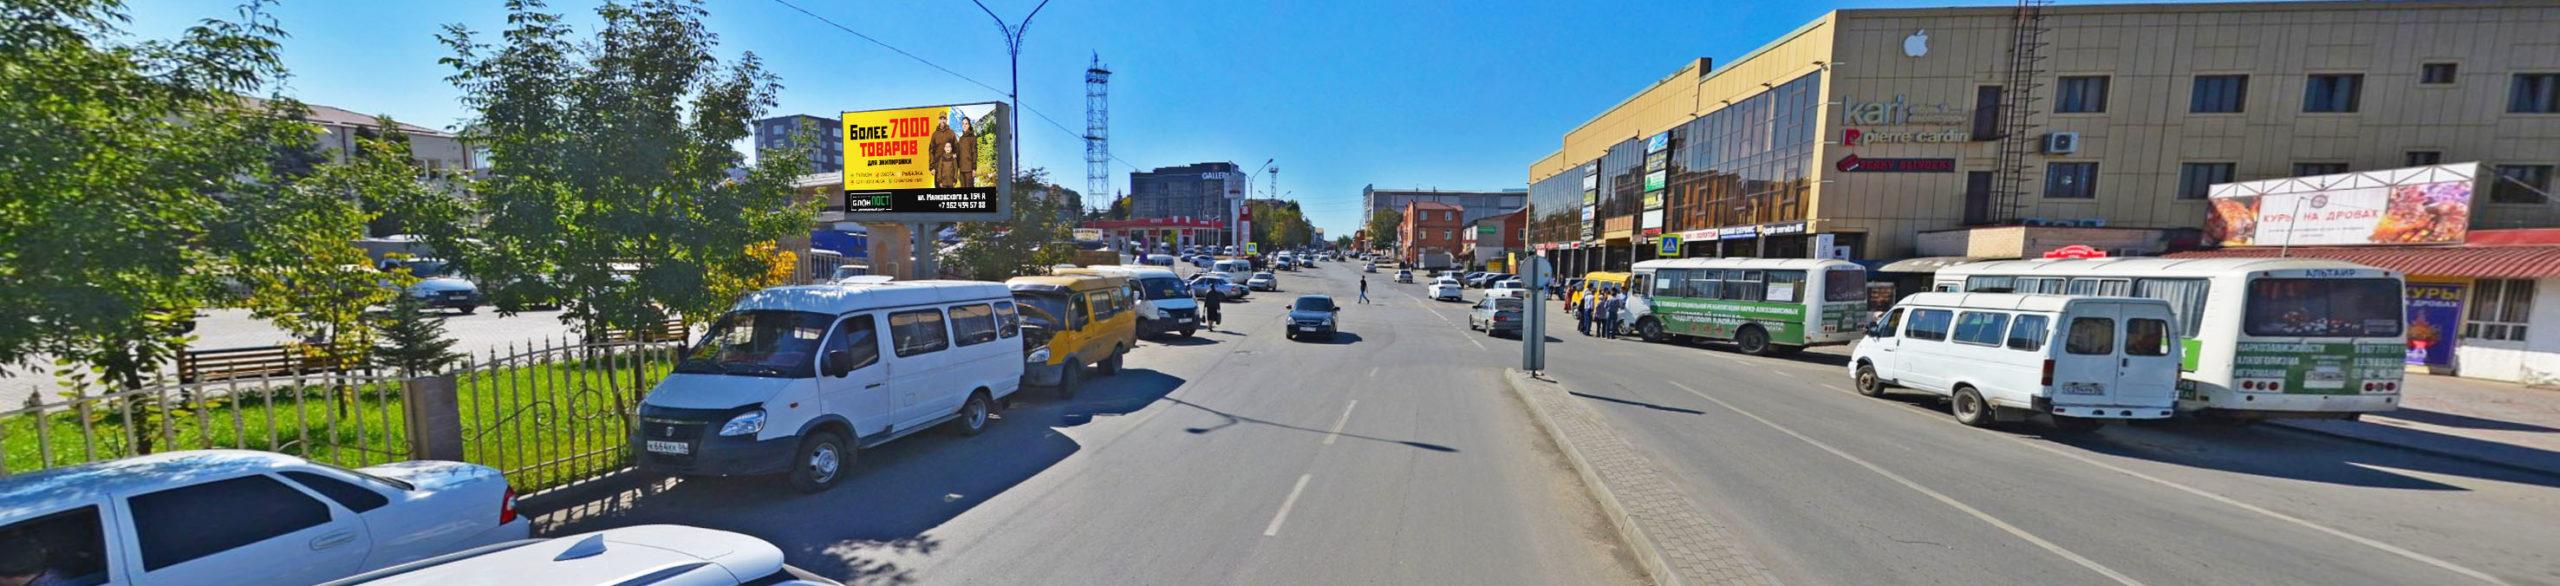 Размещение рекламы на светодиодных экранах в Ингушетии собственник